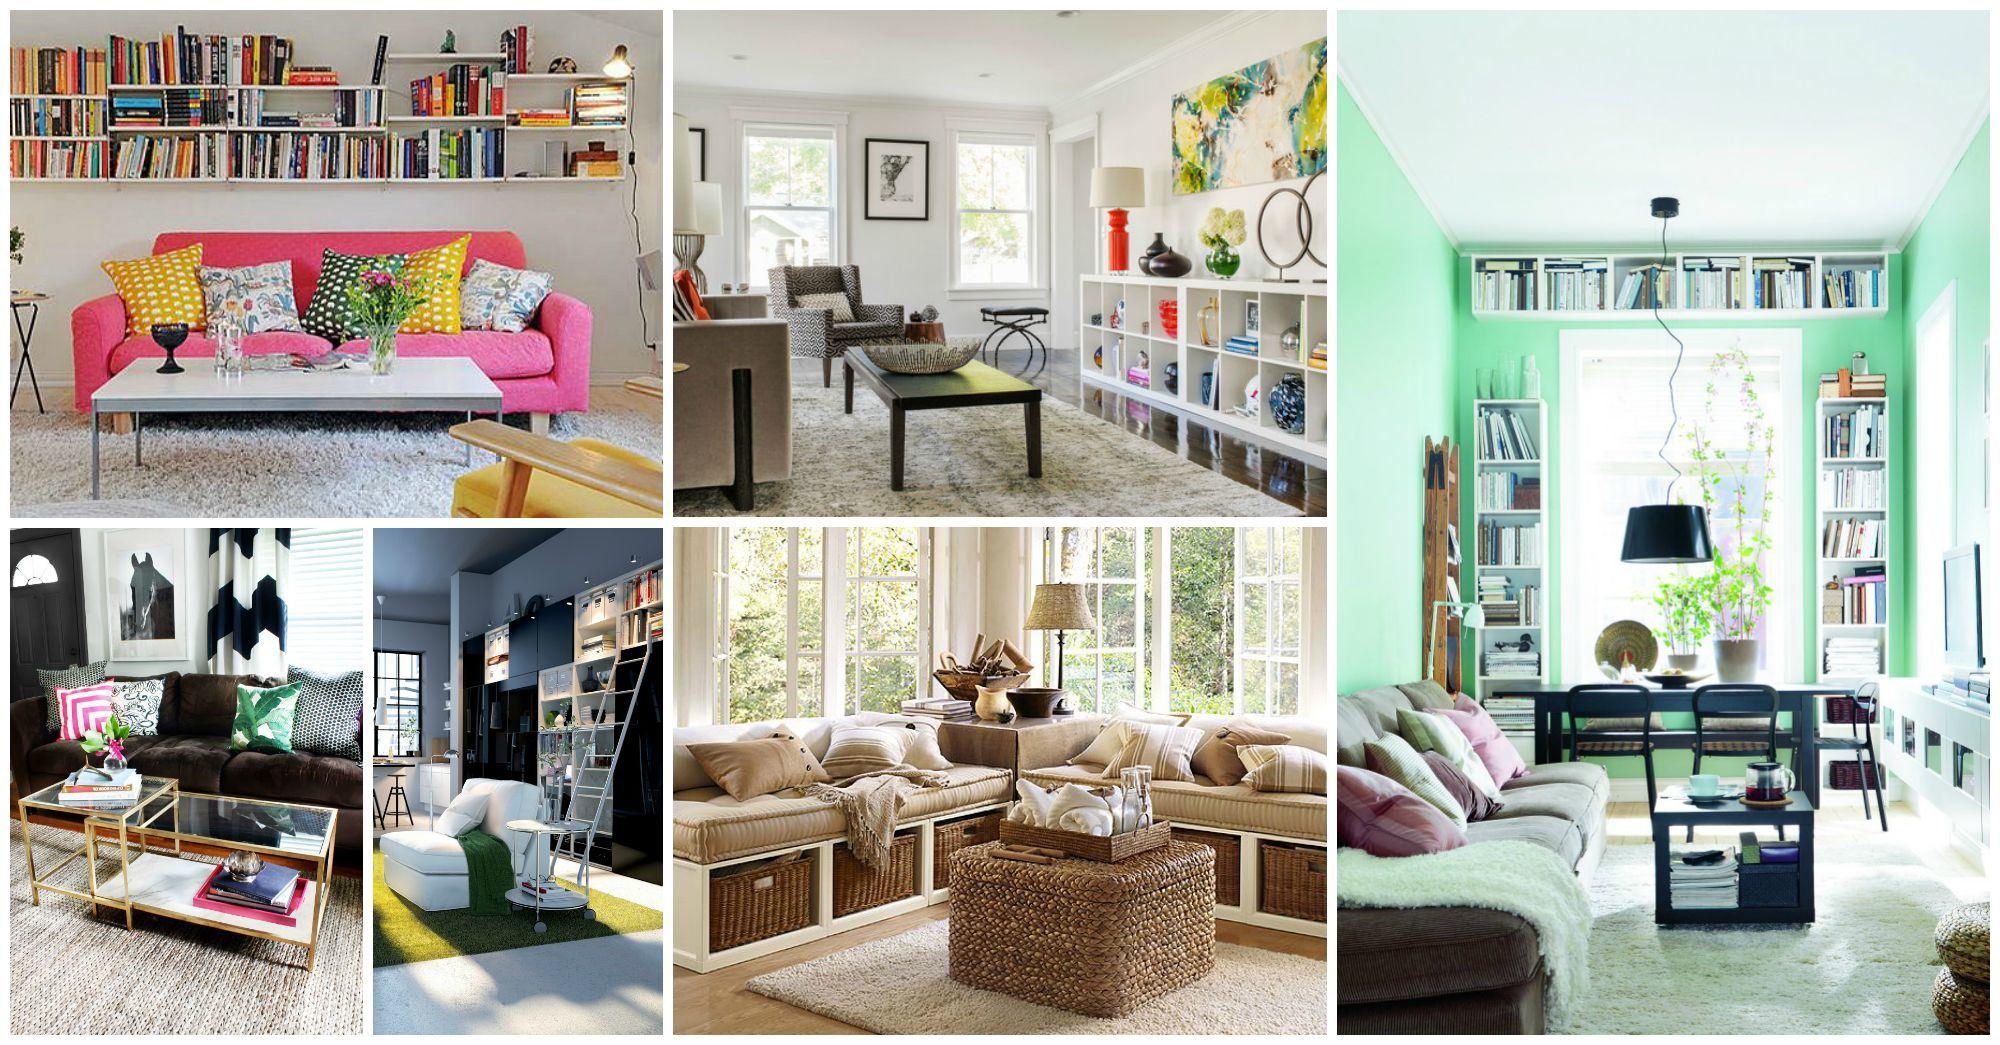 Faszinierend Wohnzimmergestaltung Ideen Referenz Von Wohnzimmer Einrichten Wohnzimmer Gestalten Innendesign